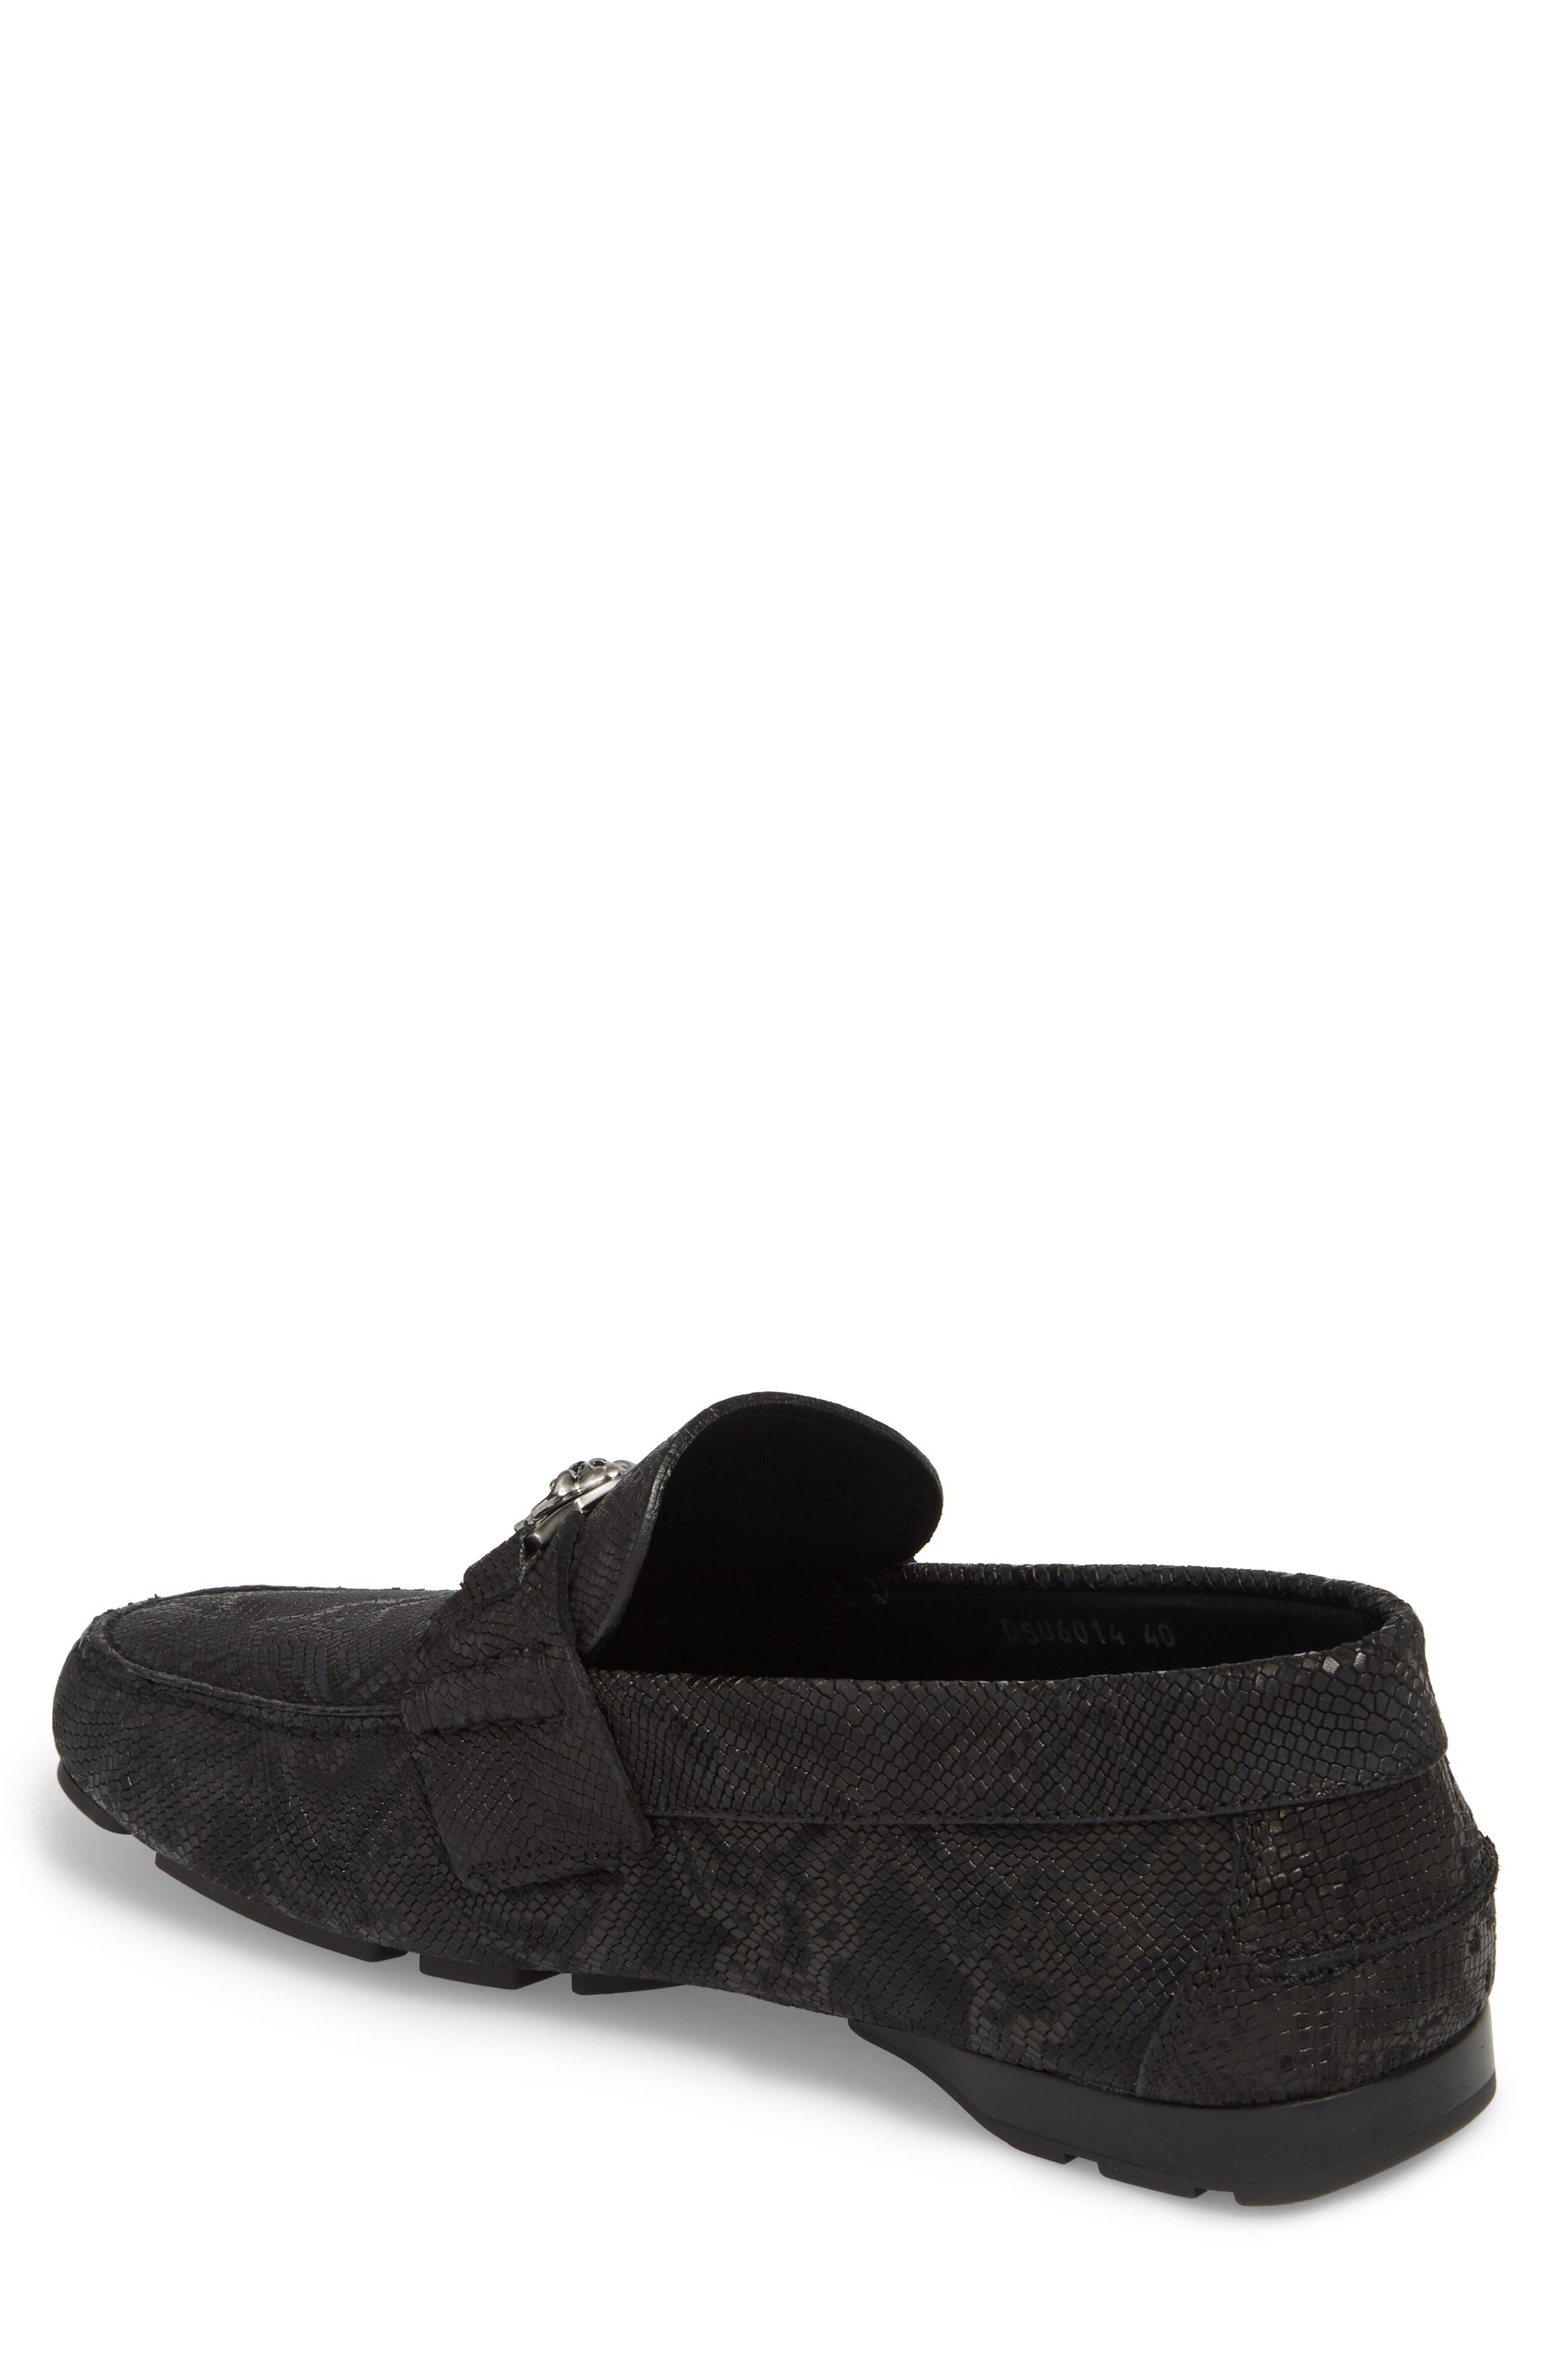 Driving Shoe,                             Alternate thumbnail 2, color,                             Black